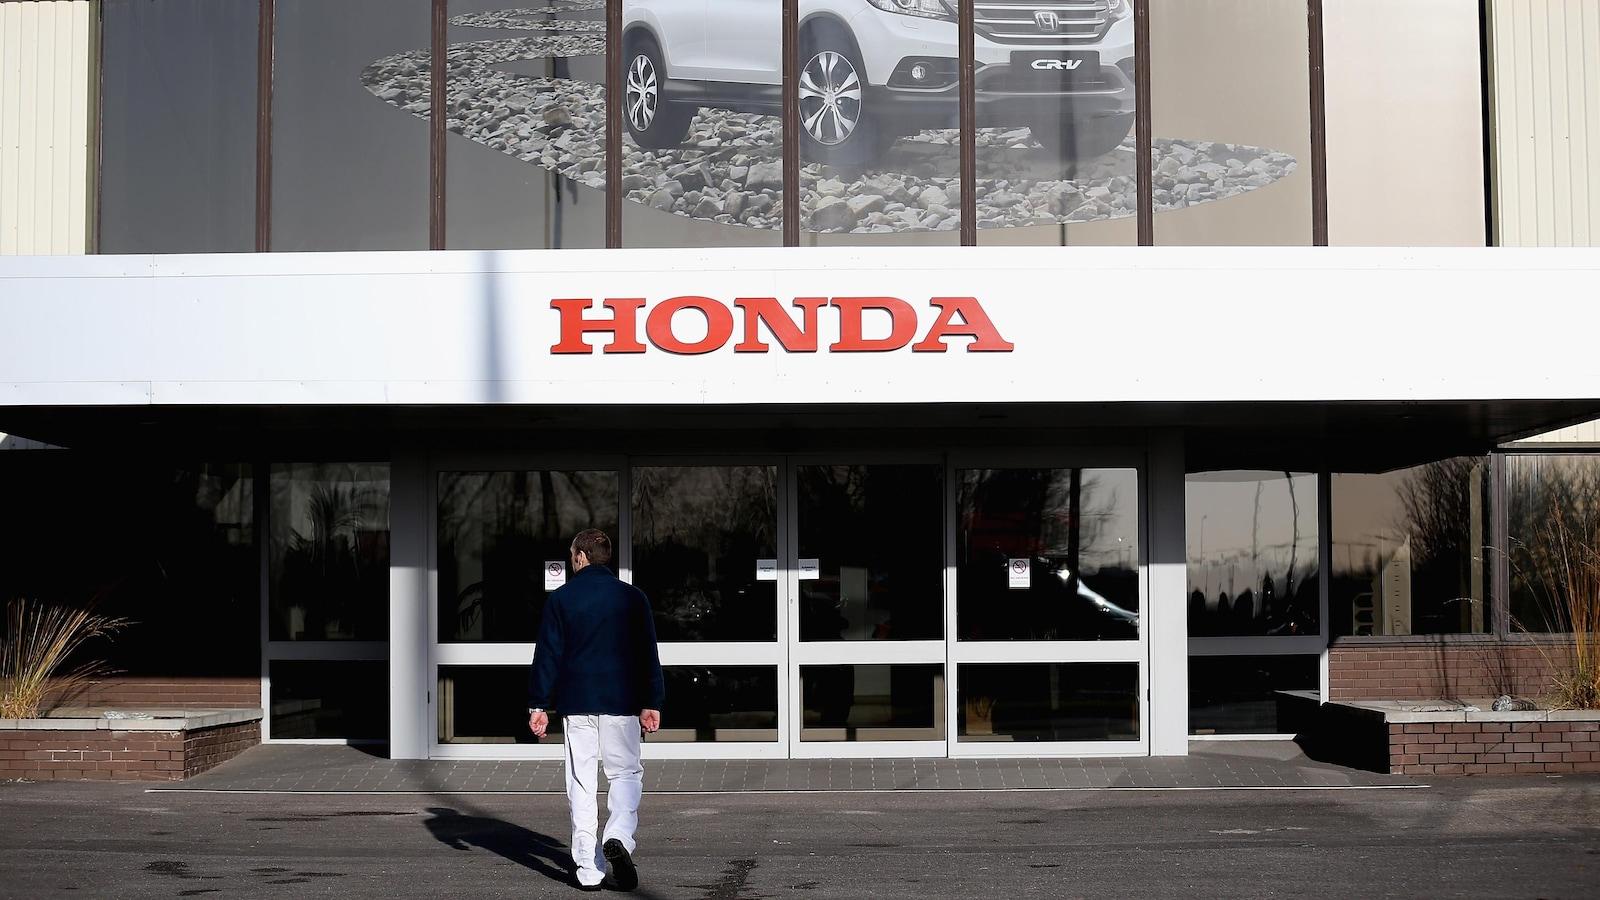 Un employé entre dans une usine de Honda.